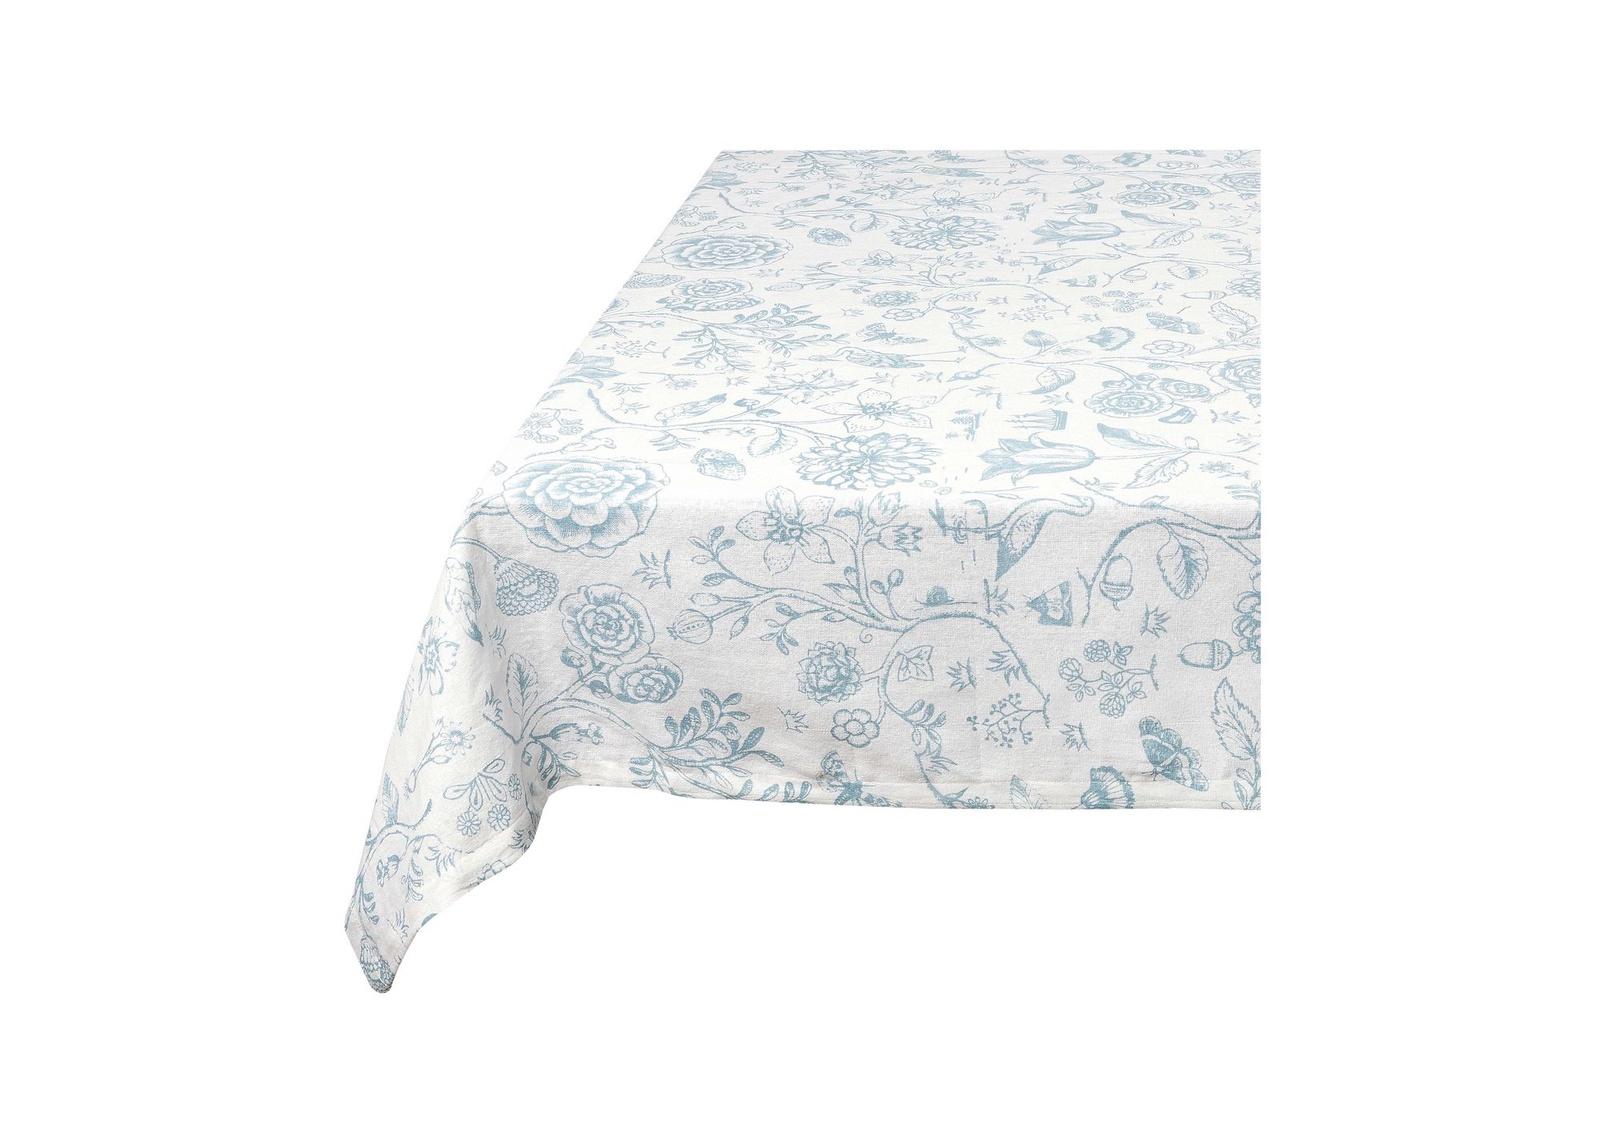 Скатерть Pip Studio Spring to Life White Blue, 150x250 см скатерть secret de maison pompadour помпадур размер 150 см х 250 см